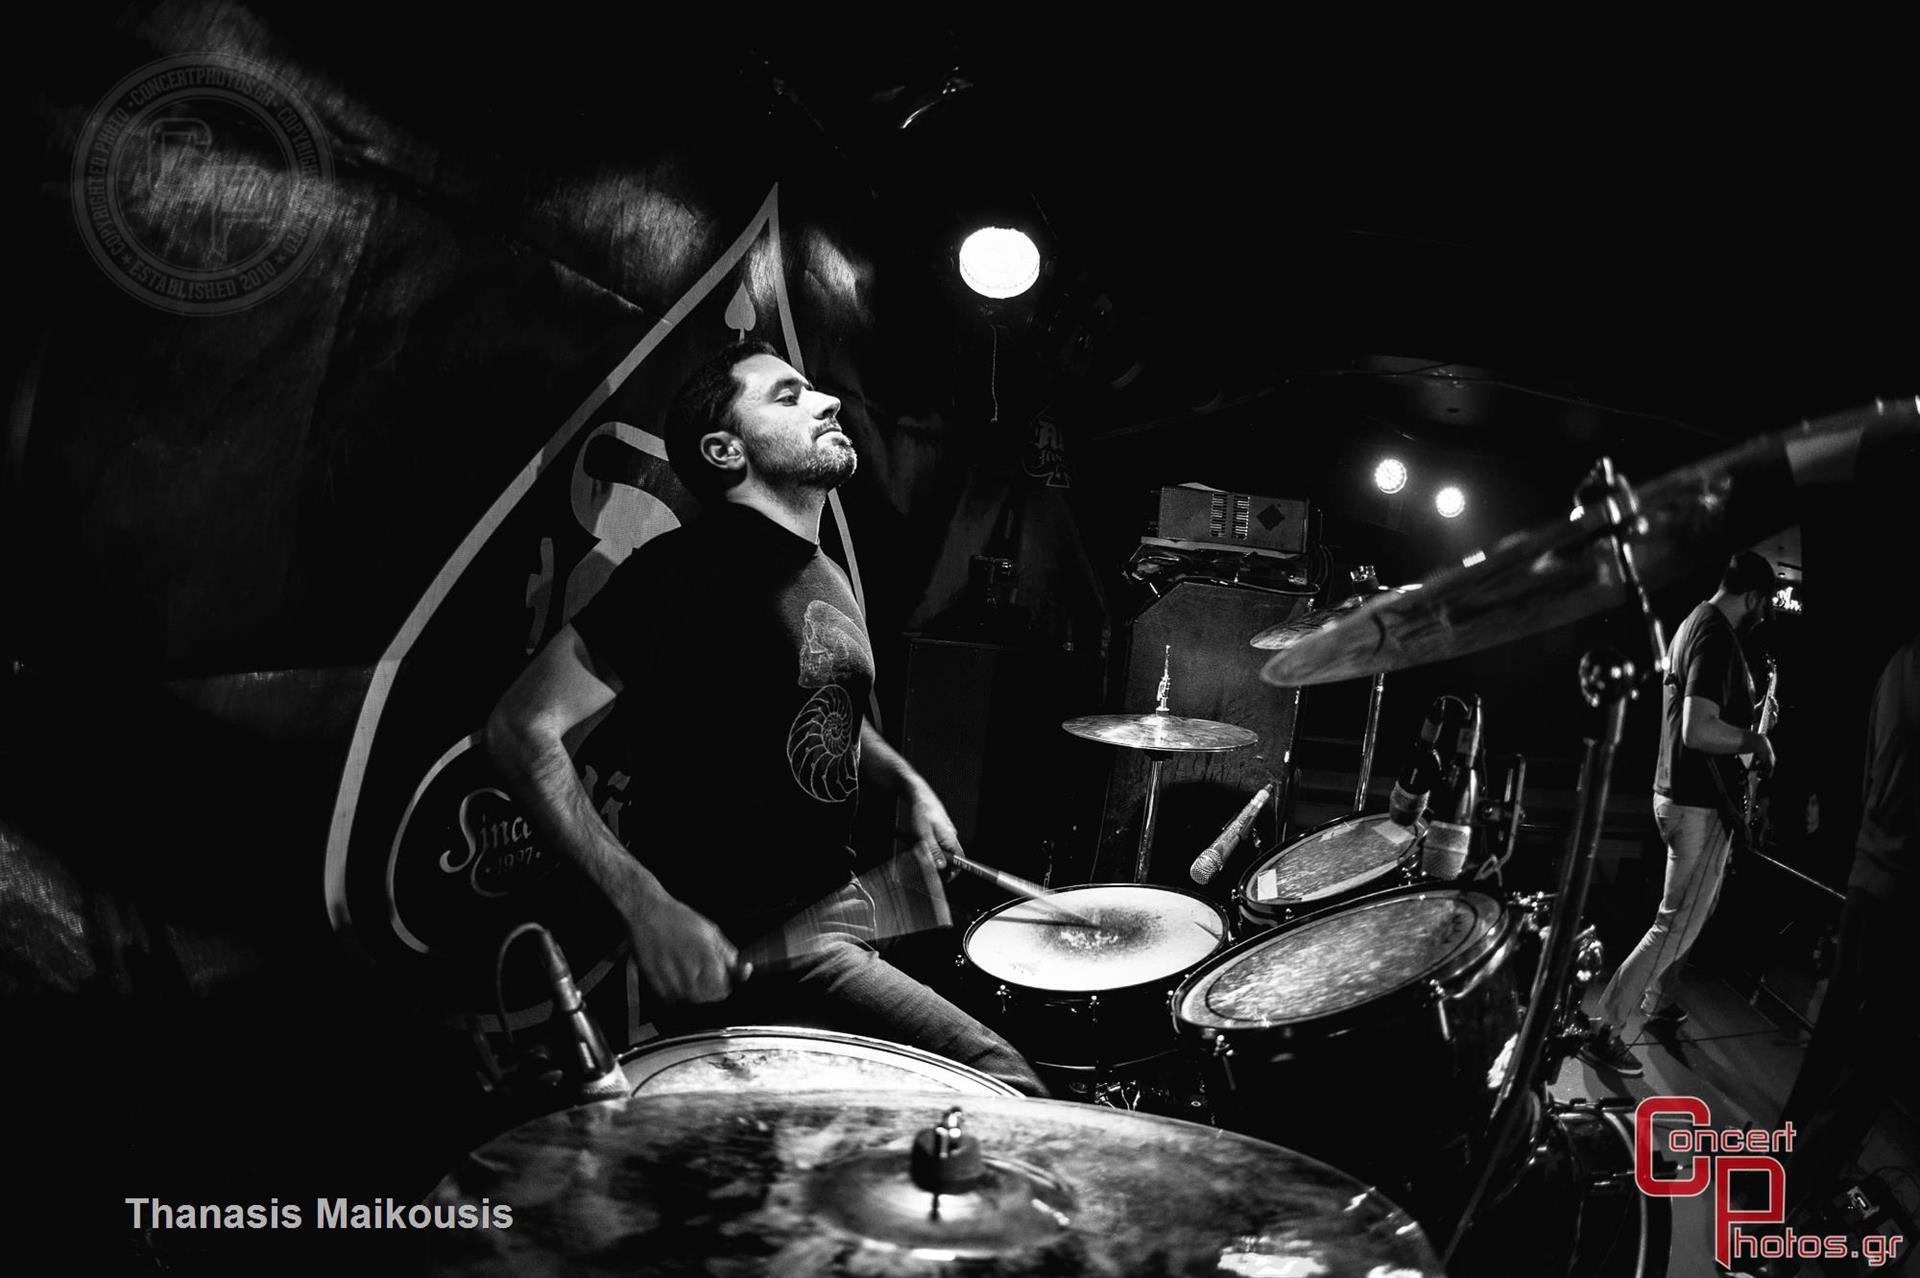 Battle Of The Bands Leg 5-Battle Of The Bands Leg 4 photographer: Thanasis Maikousis - ConcertPhotos - 20150315_2204_38